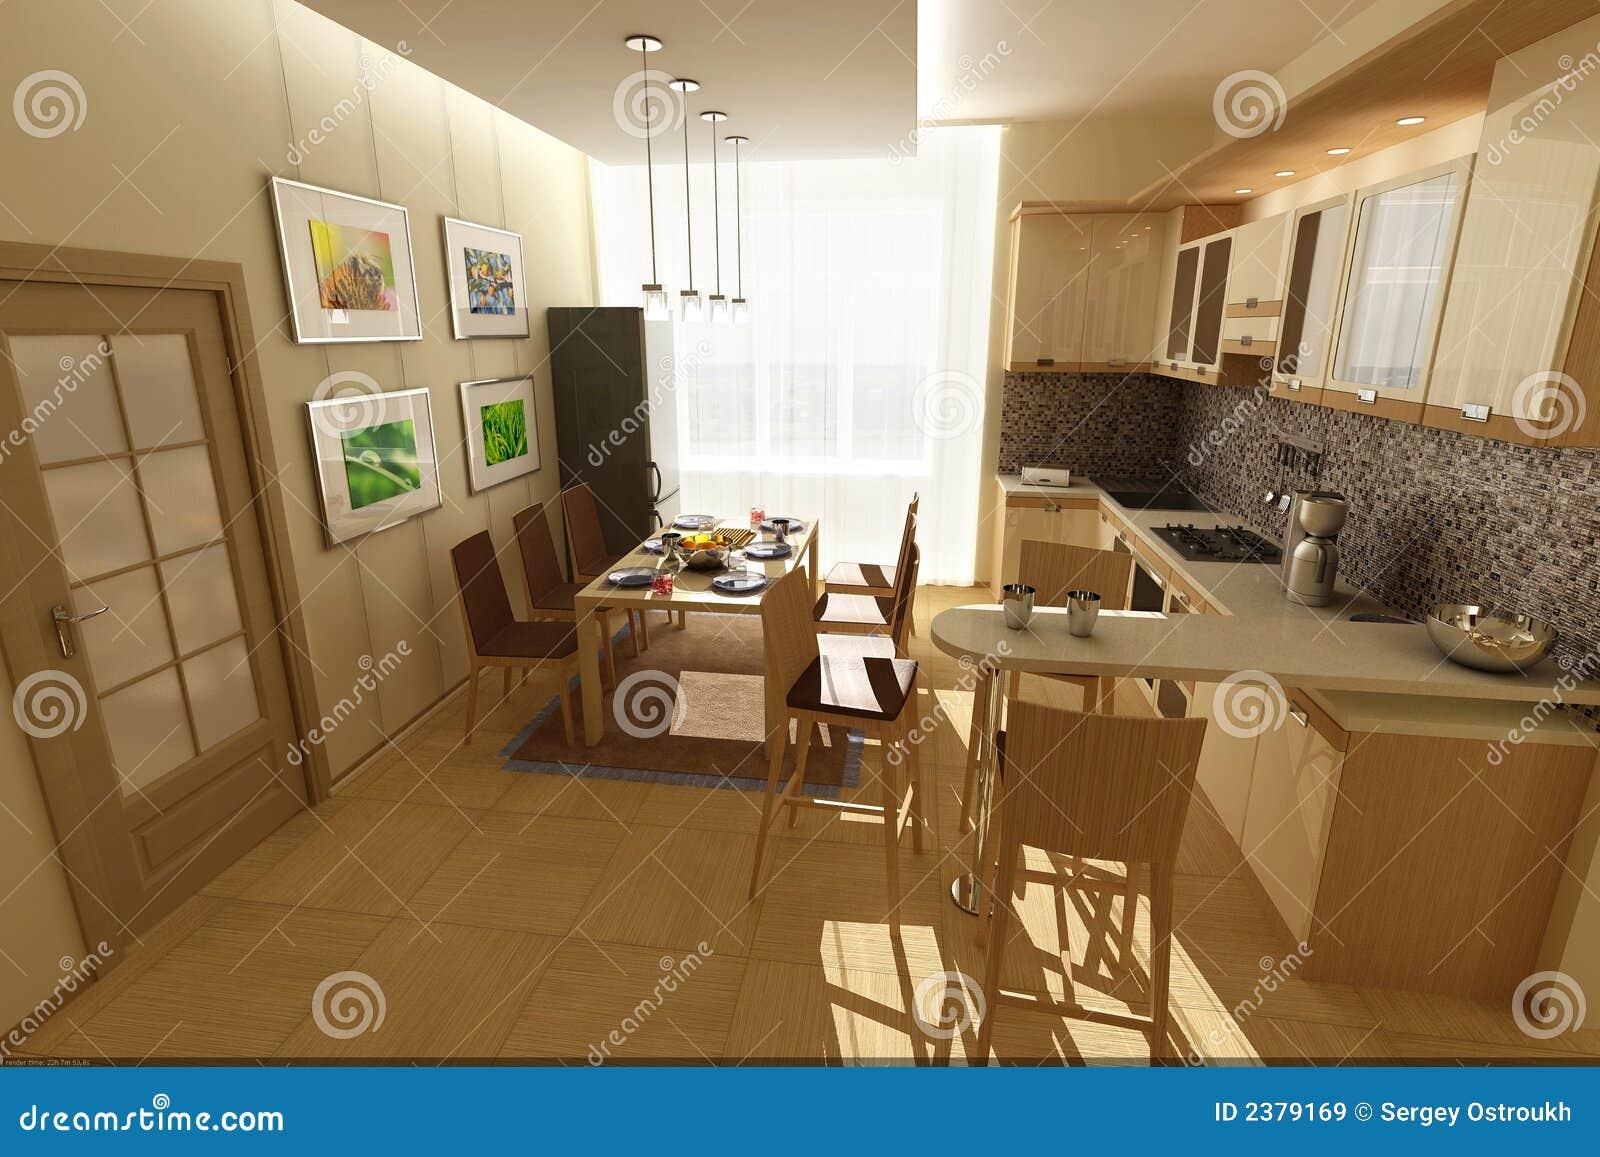 Unglaublich Küche Beige Sammlung Von Pattern Küche Stockbild. Bild Von Braun, Granit,